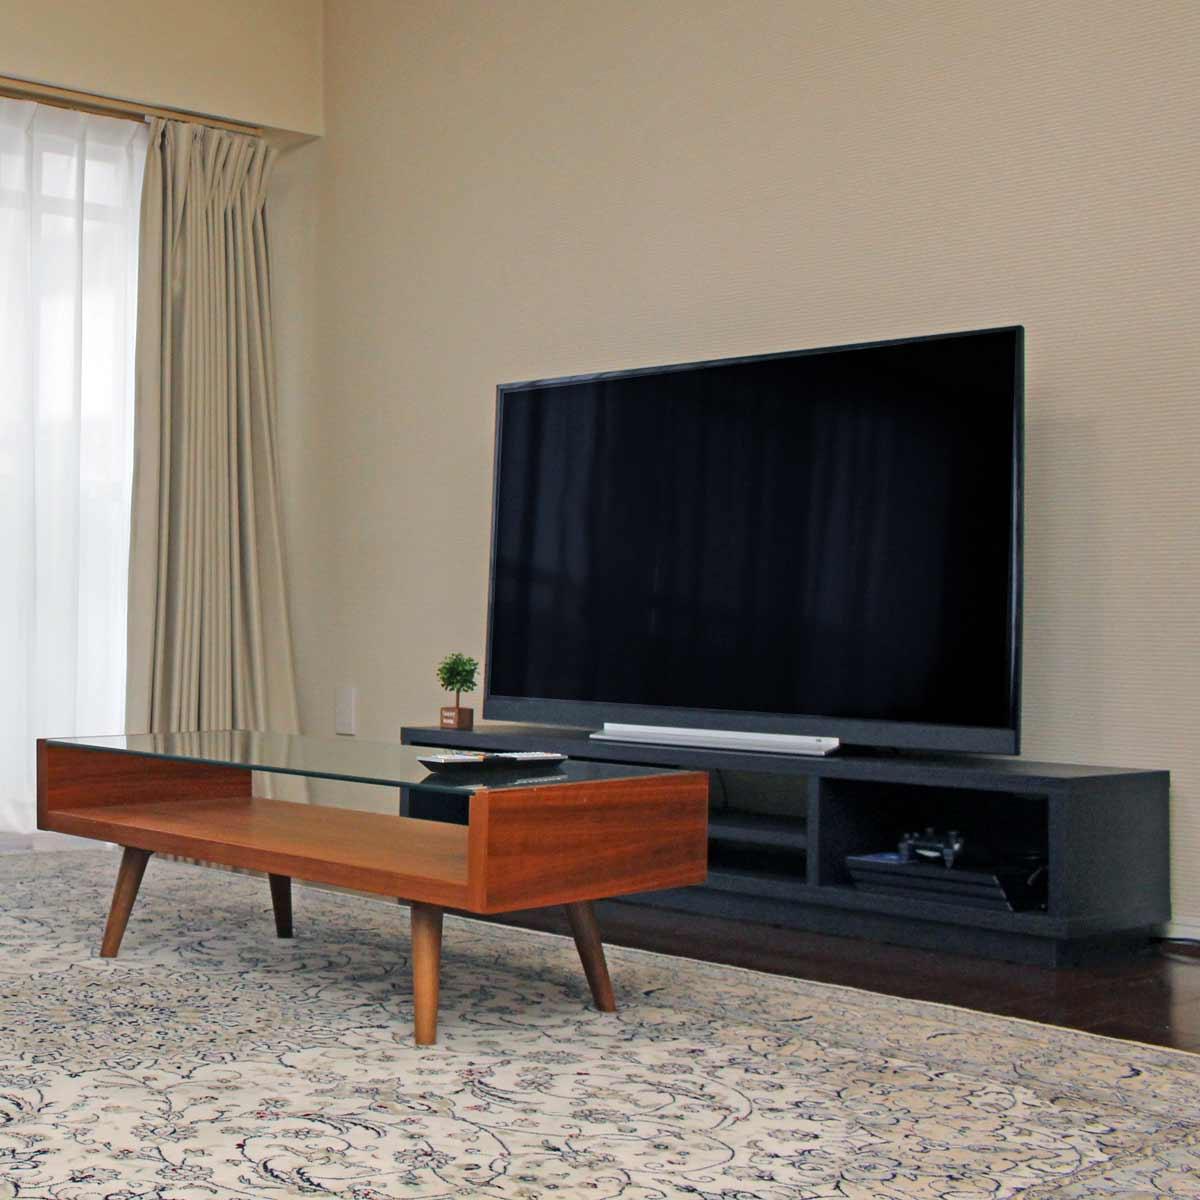 4Kテレビの適正インチ数と視聴距離を解説! 部屋に合わせたテレビ設置のコツ